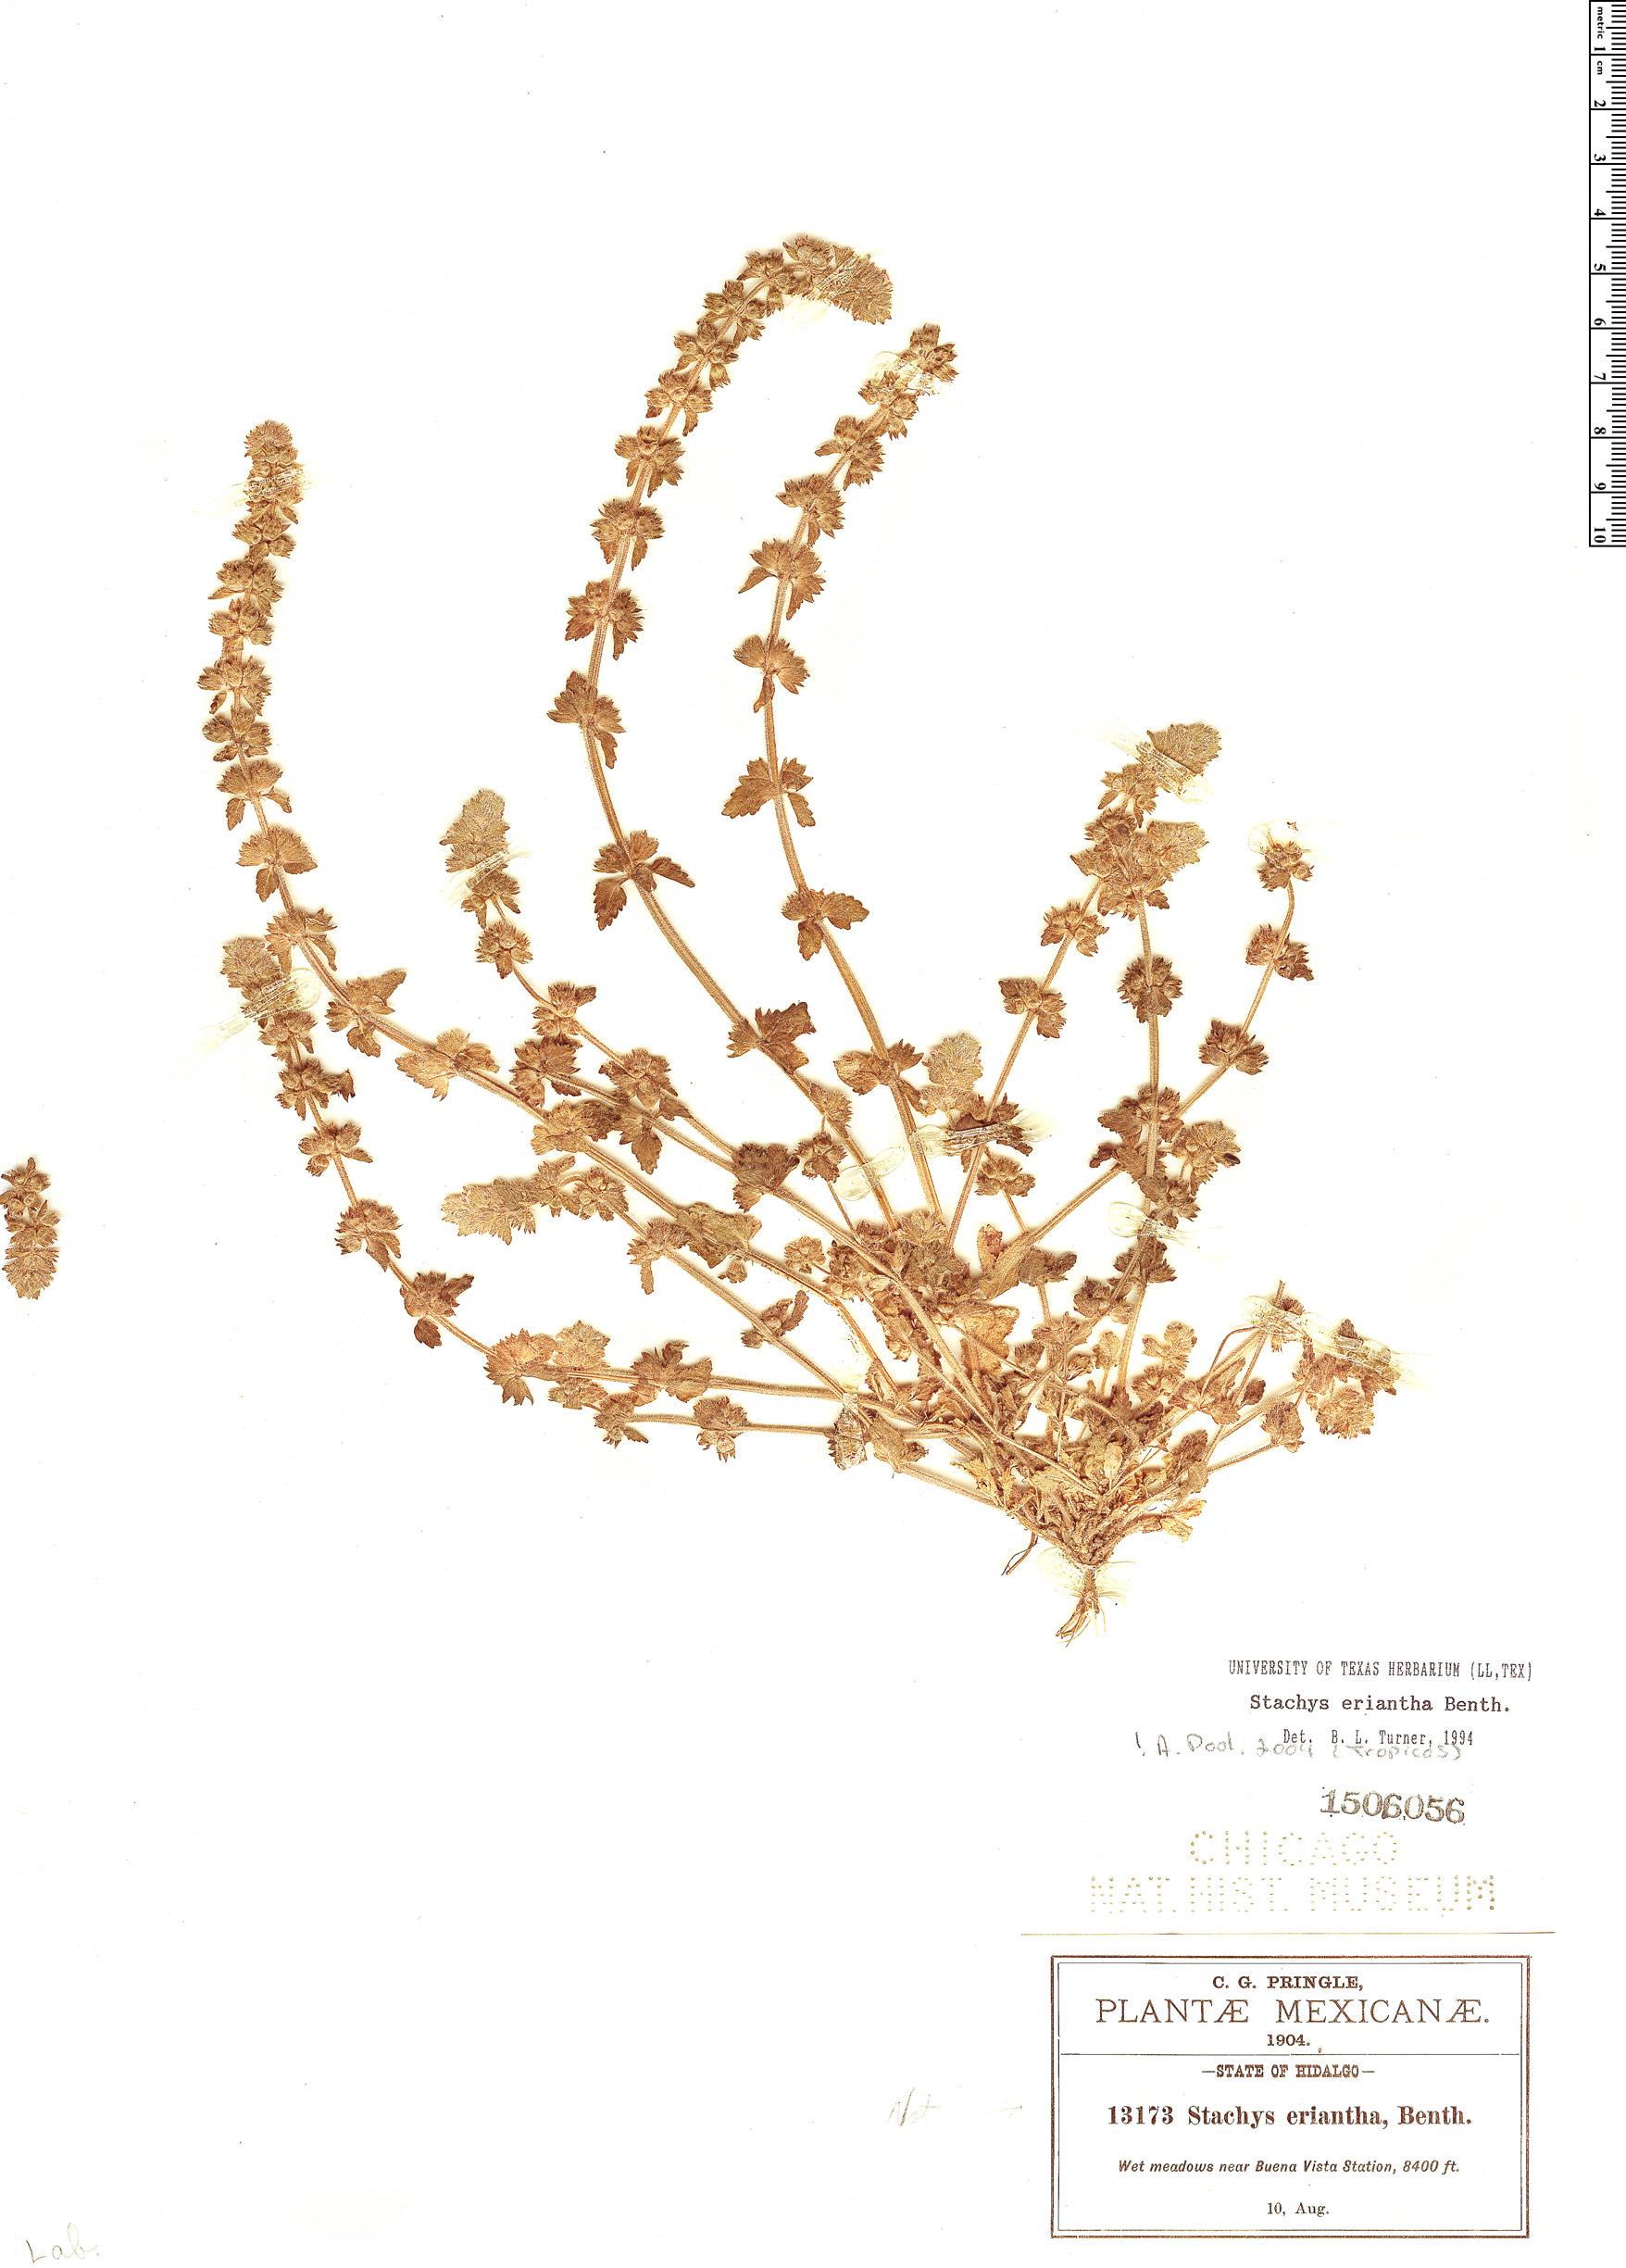 Specimen: Stachys eriantha